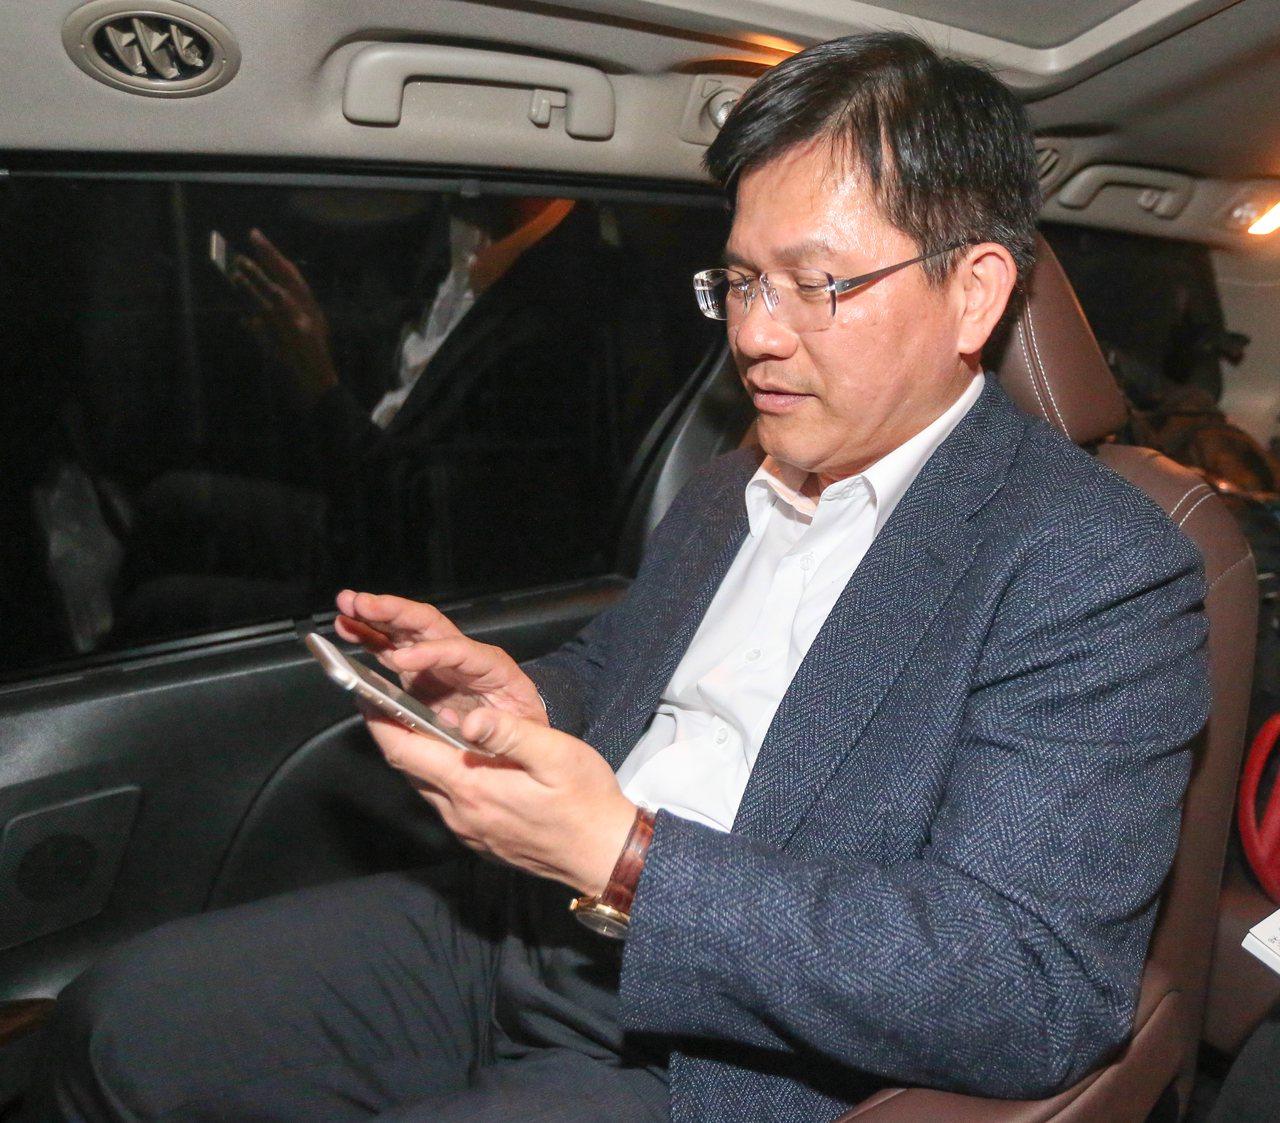 台中市長林佳龍趕行程途中,不忘滑手機處理事務。記者黃仲裕/攝影